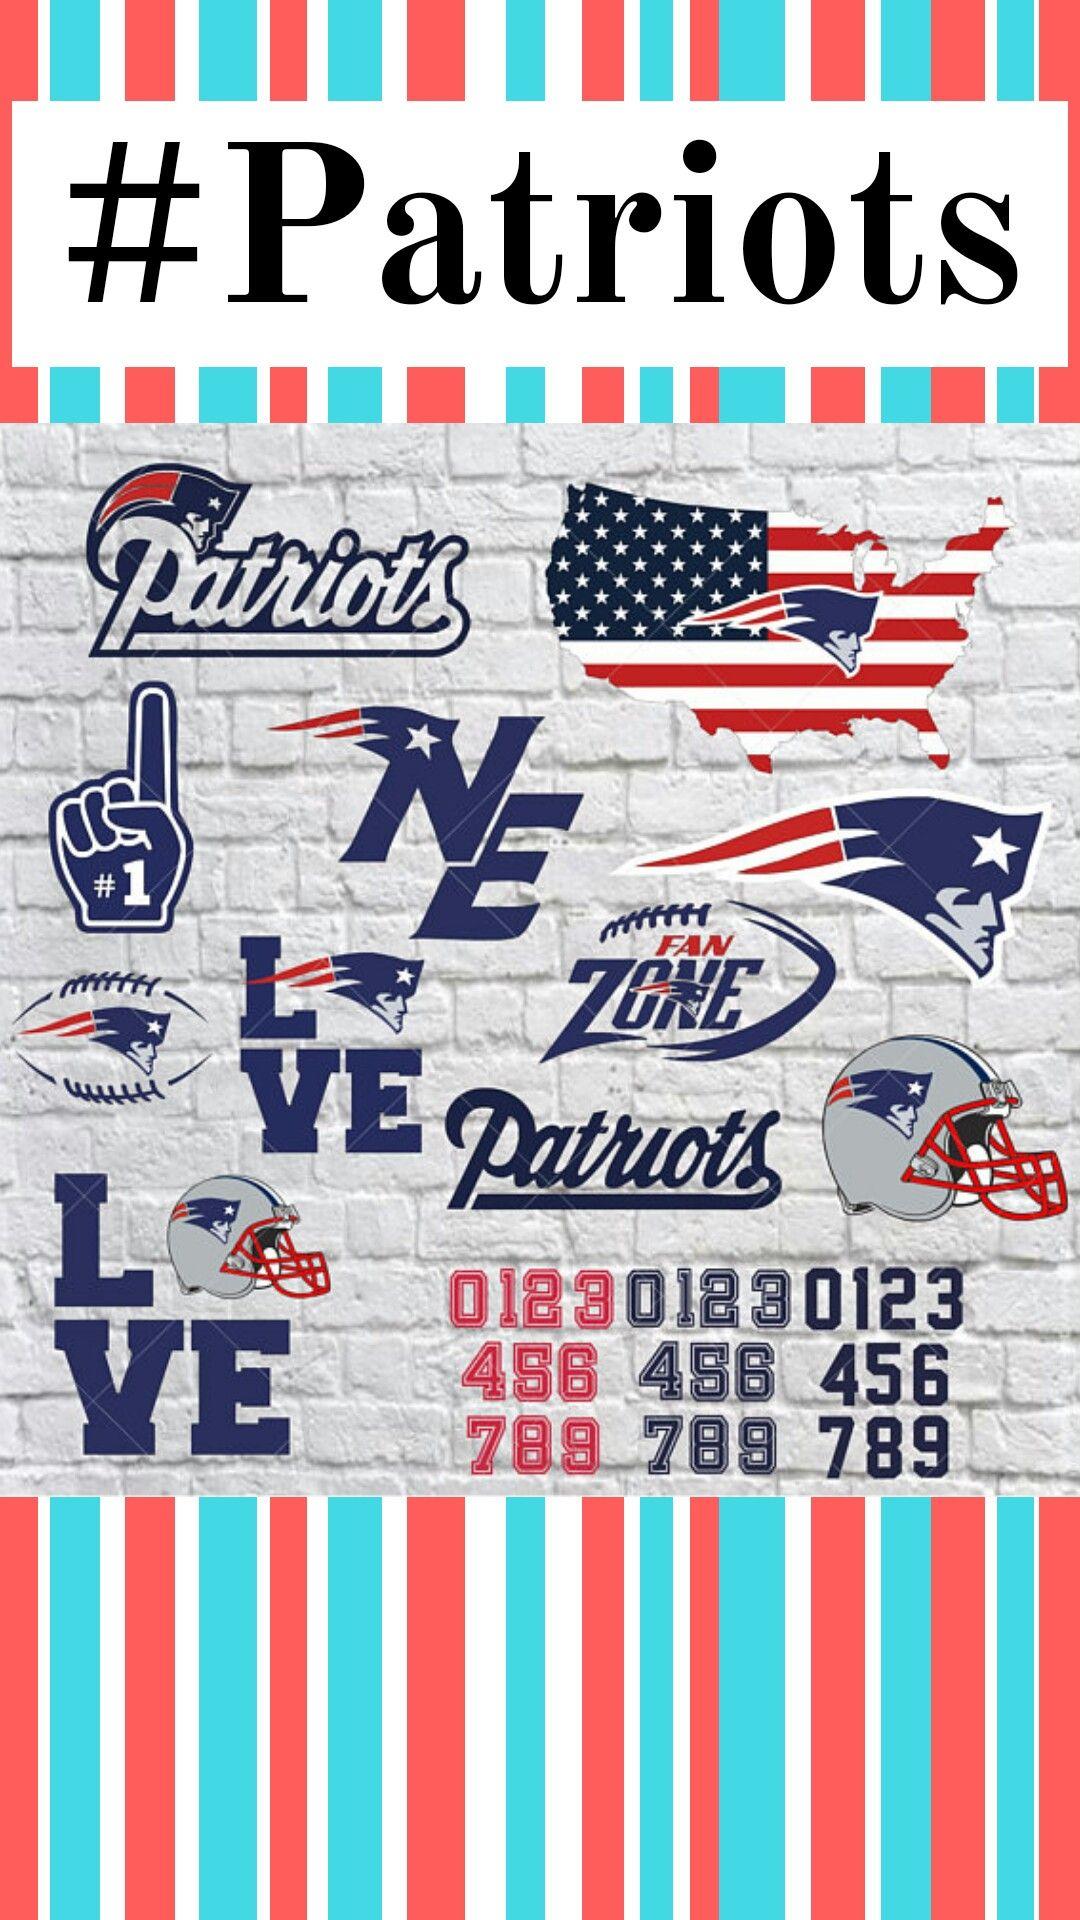 New England Patriots Svg New England Patriots Vector New England Patriots Cli New England Patriots Logo New England Patriots Merchandise New England Patriots